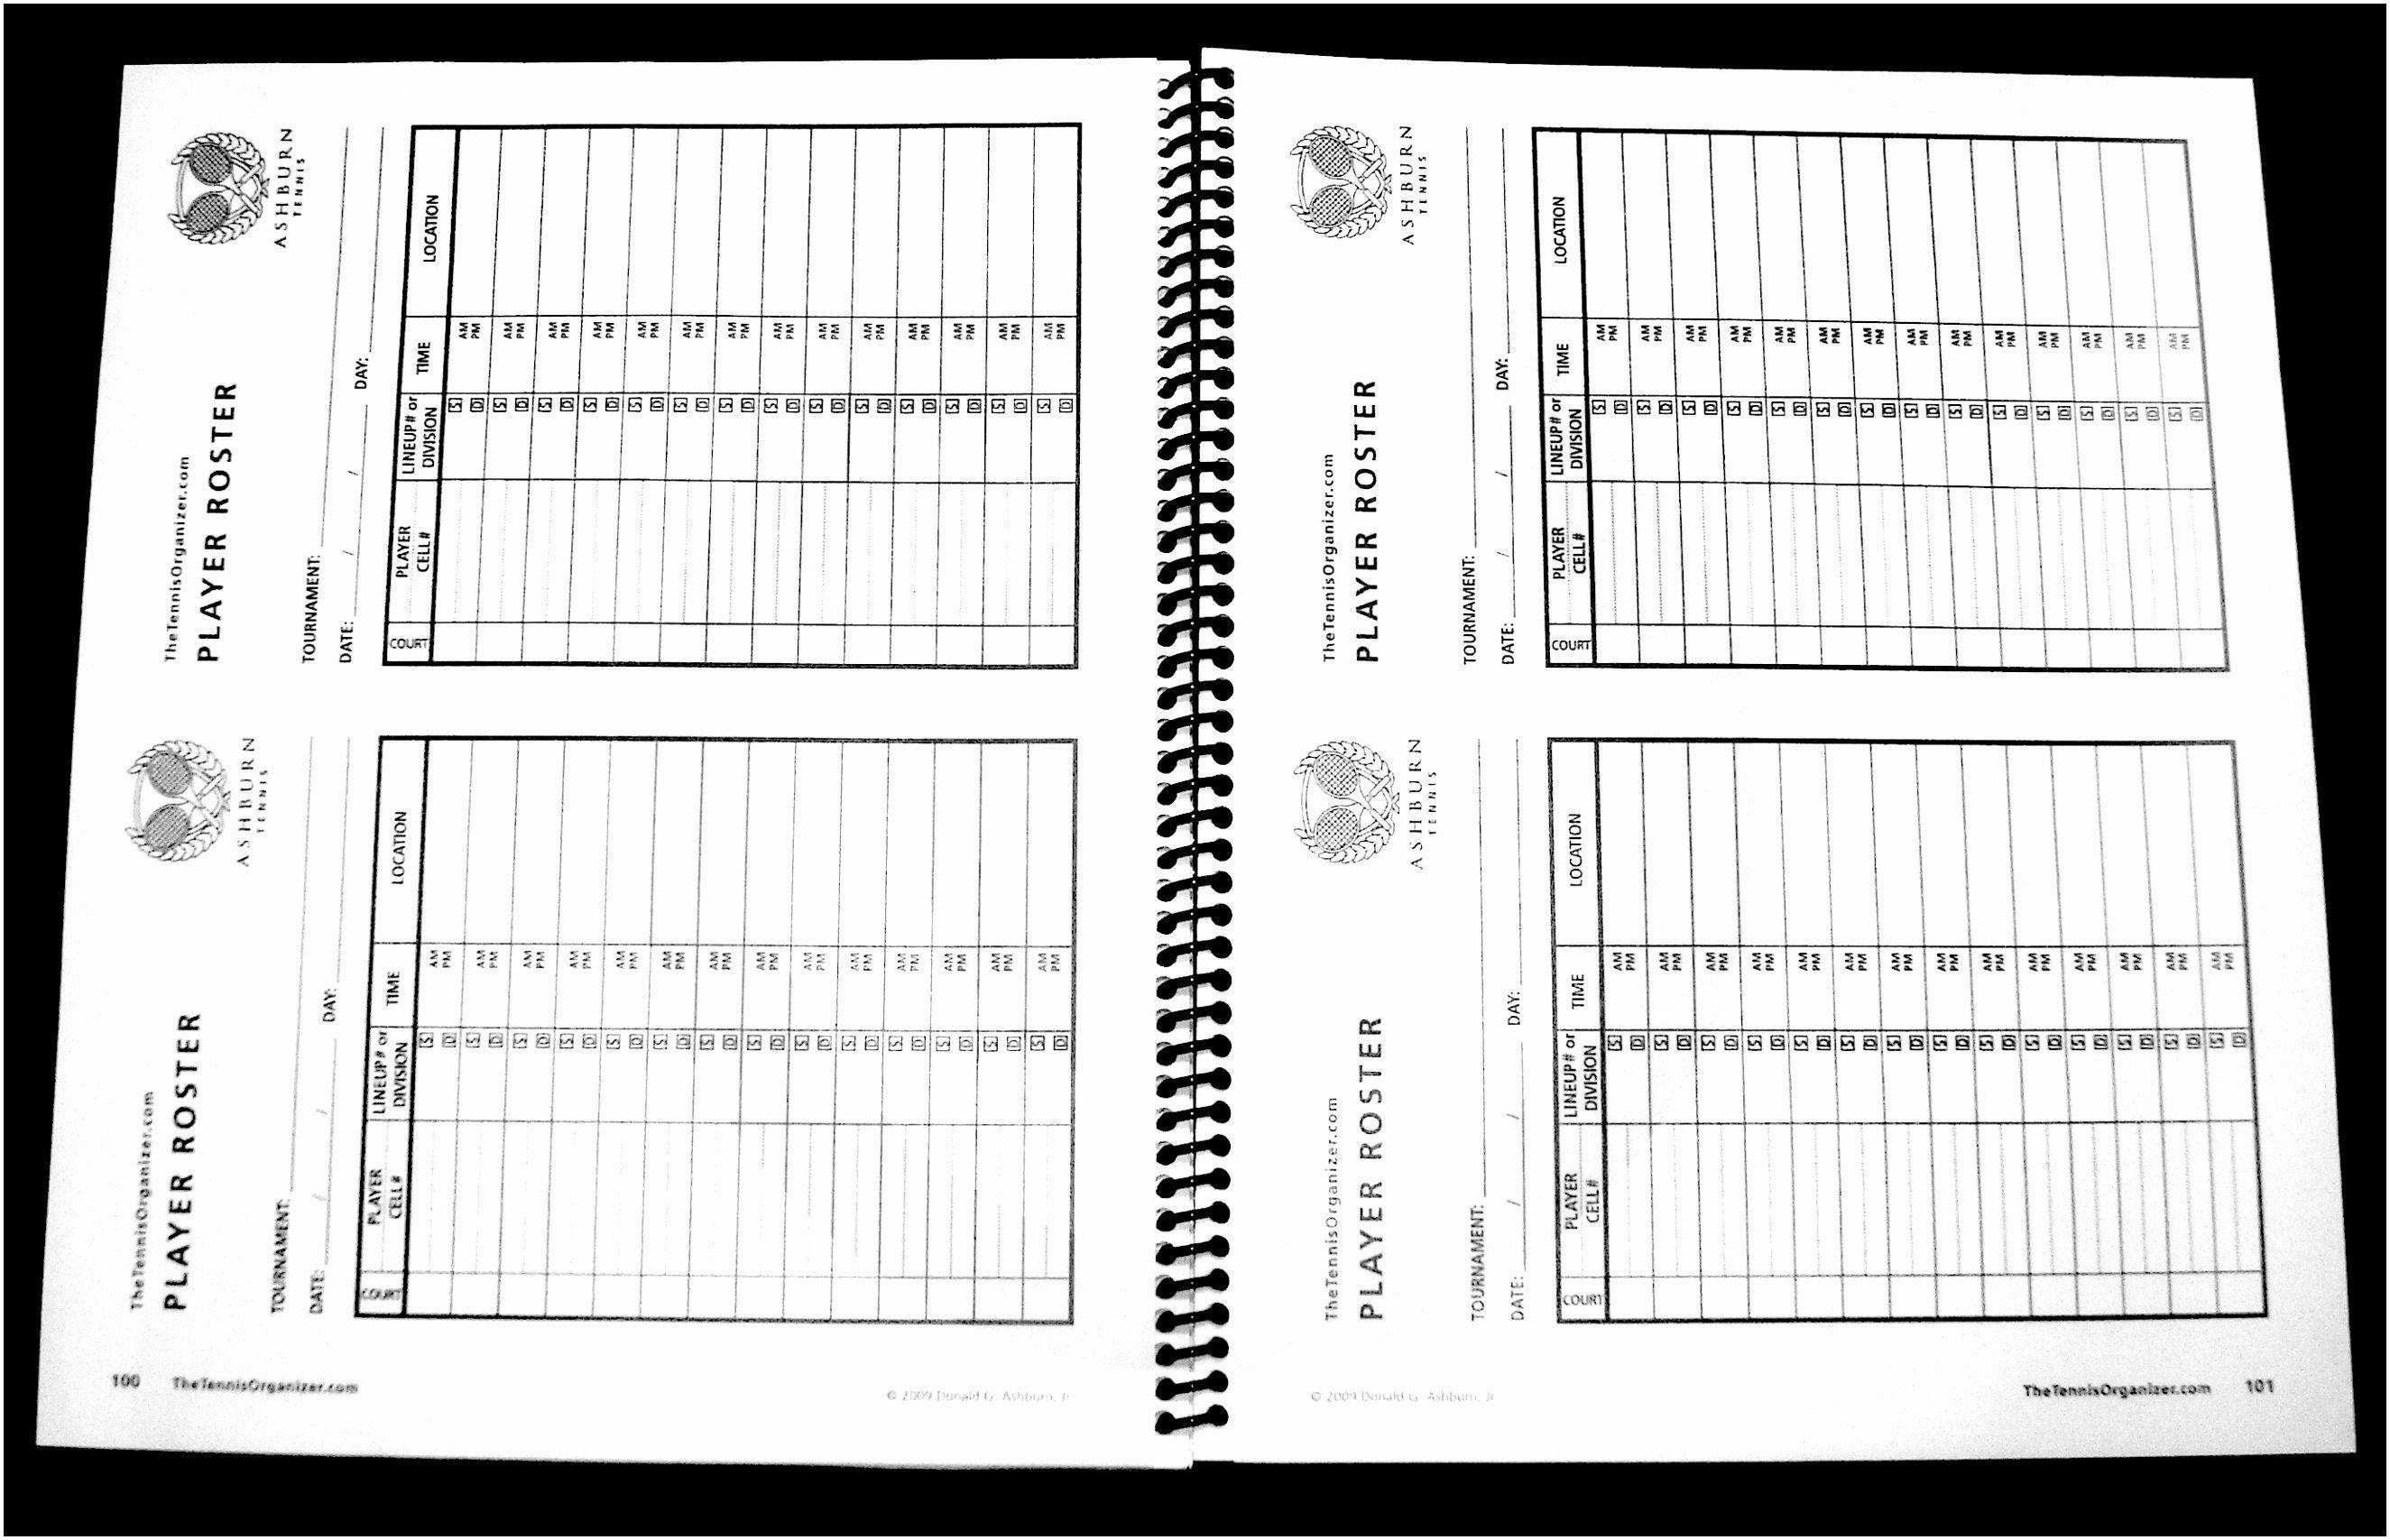 Football Depth Chart Templates 5 Printable Football Depth Chart Template Yaouu